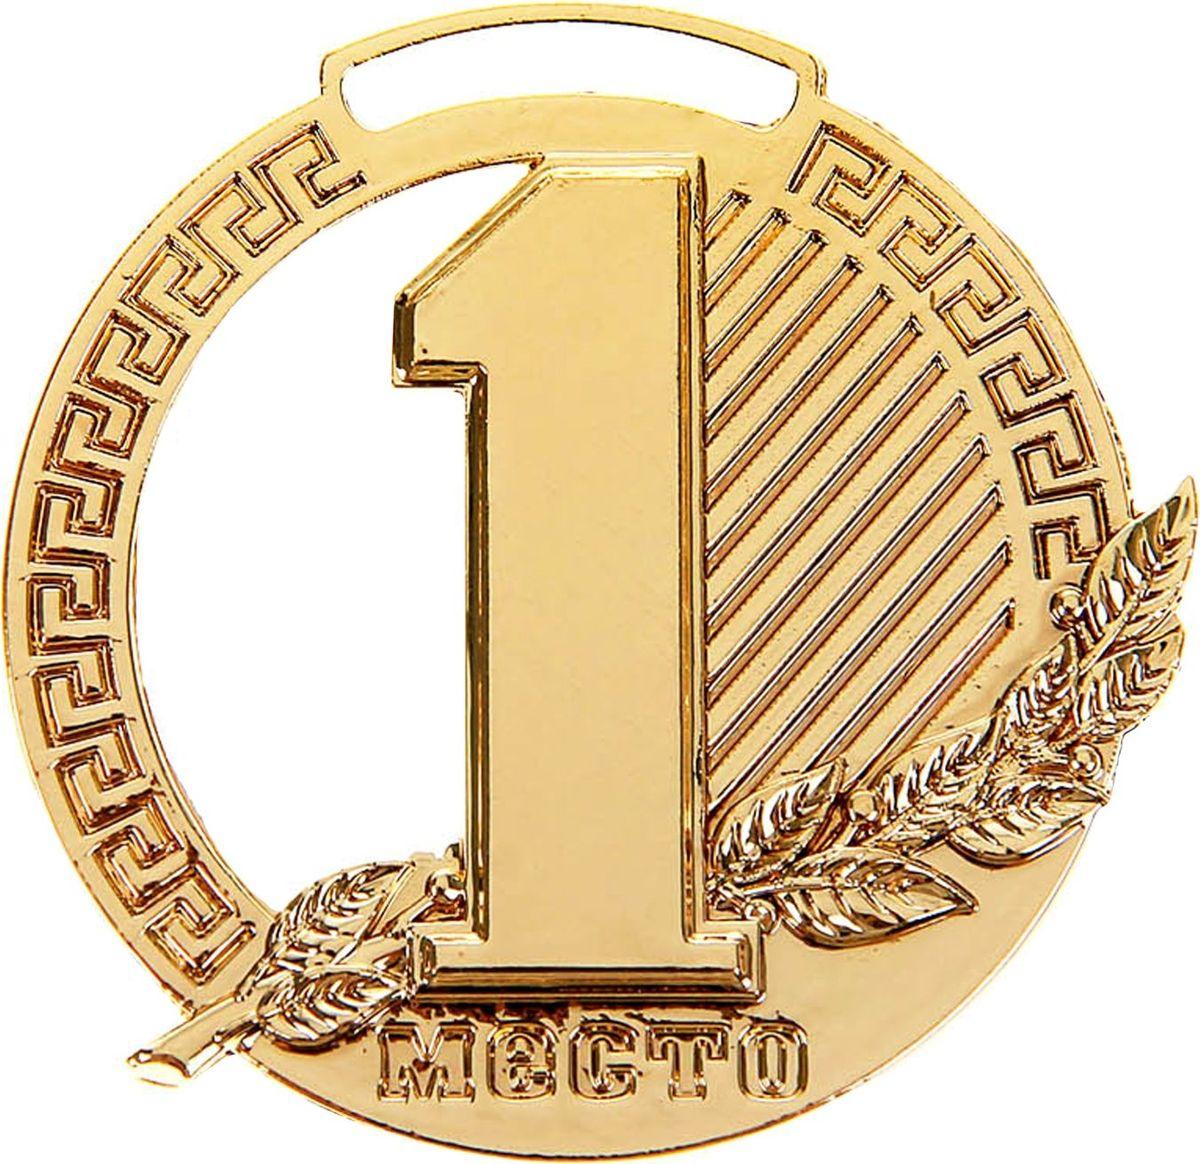 Медаль сувенирная 1 место, цвет: золотистый, диаметр 5,5 см. 003864137Эта универсальная медаль с классическим дизайном подойдёт для любых соревнований. вы сможете дополнить её персональной гравировкой или корпоративной символикой.Если необходимо подчеркнуть важность домашнего или корпоративного спортивного мероприятия, то оригинальным и запоминающимся итогом соревнований будет вручение медалей участникам и победителям. Диаметр медали:: 5,5 см. Сверху расположено отверстие для крепления ленты.